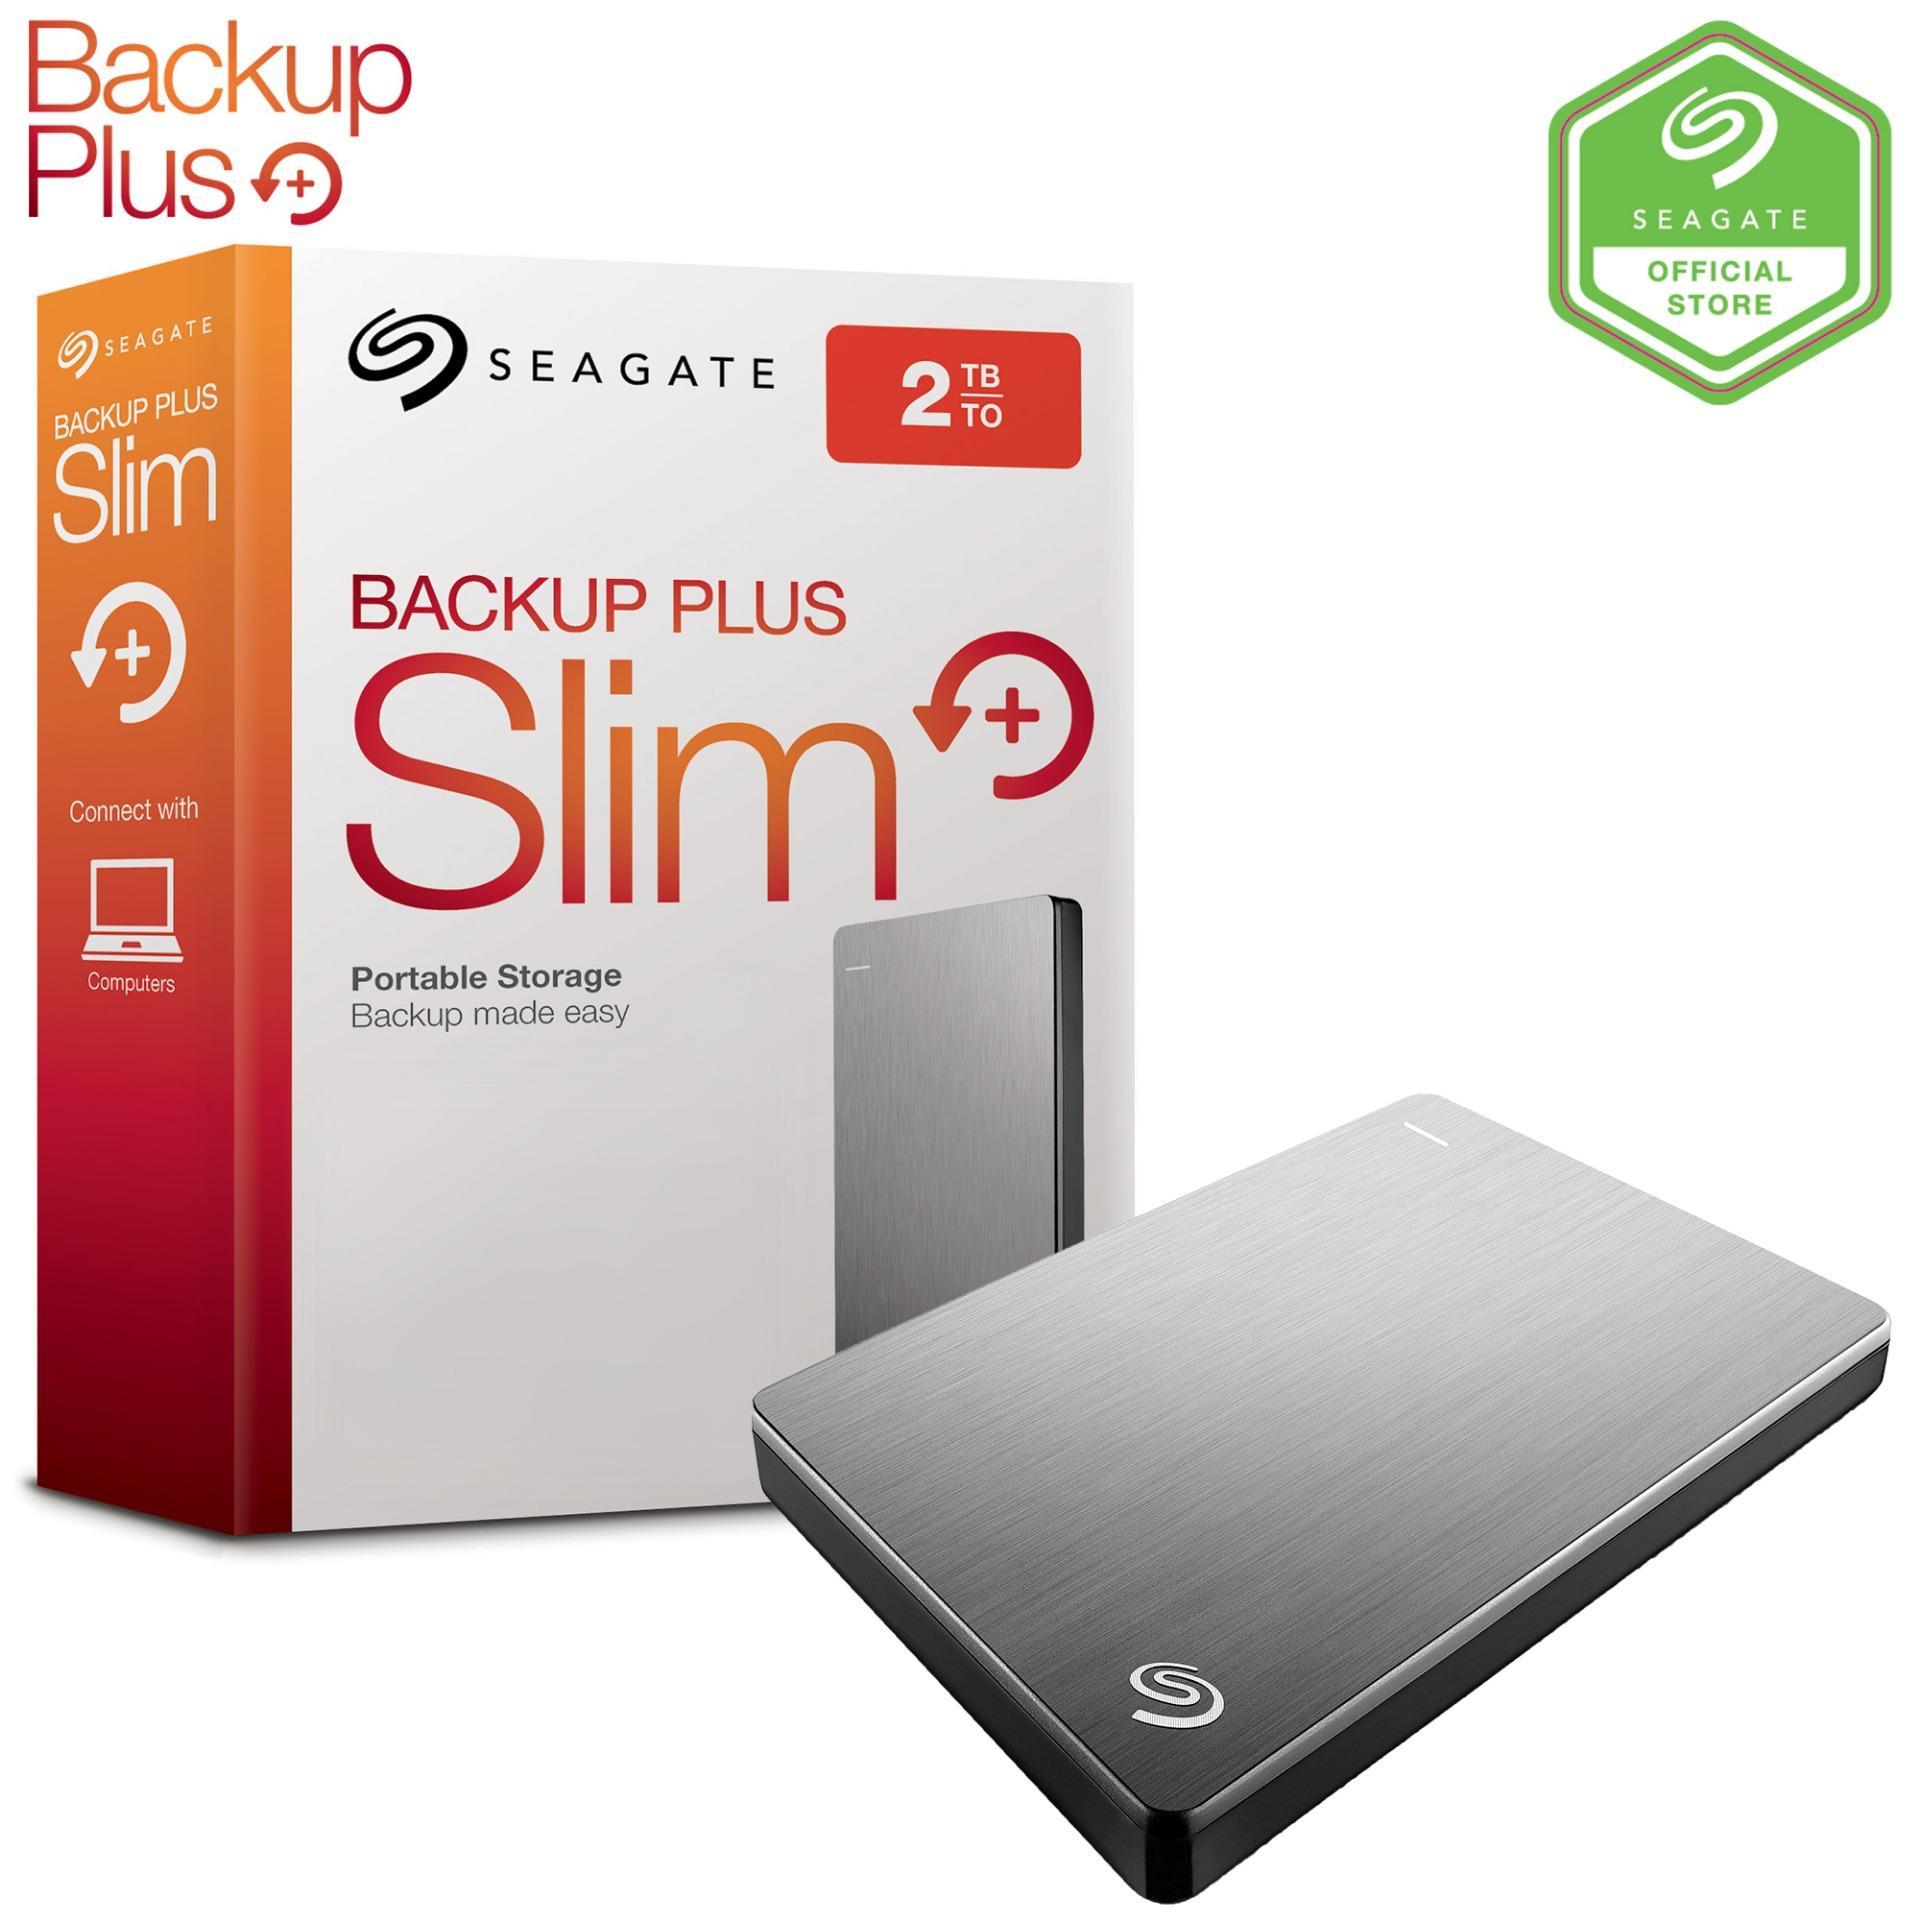 Buy Seagate External Hard Drive Online Lazada Backup Plus Slim 2tb Hdd Hd Hardisk Harddisk Portable Usb30